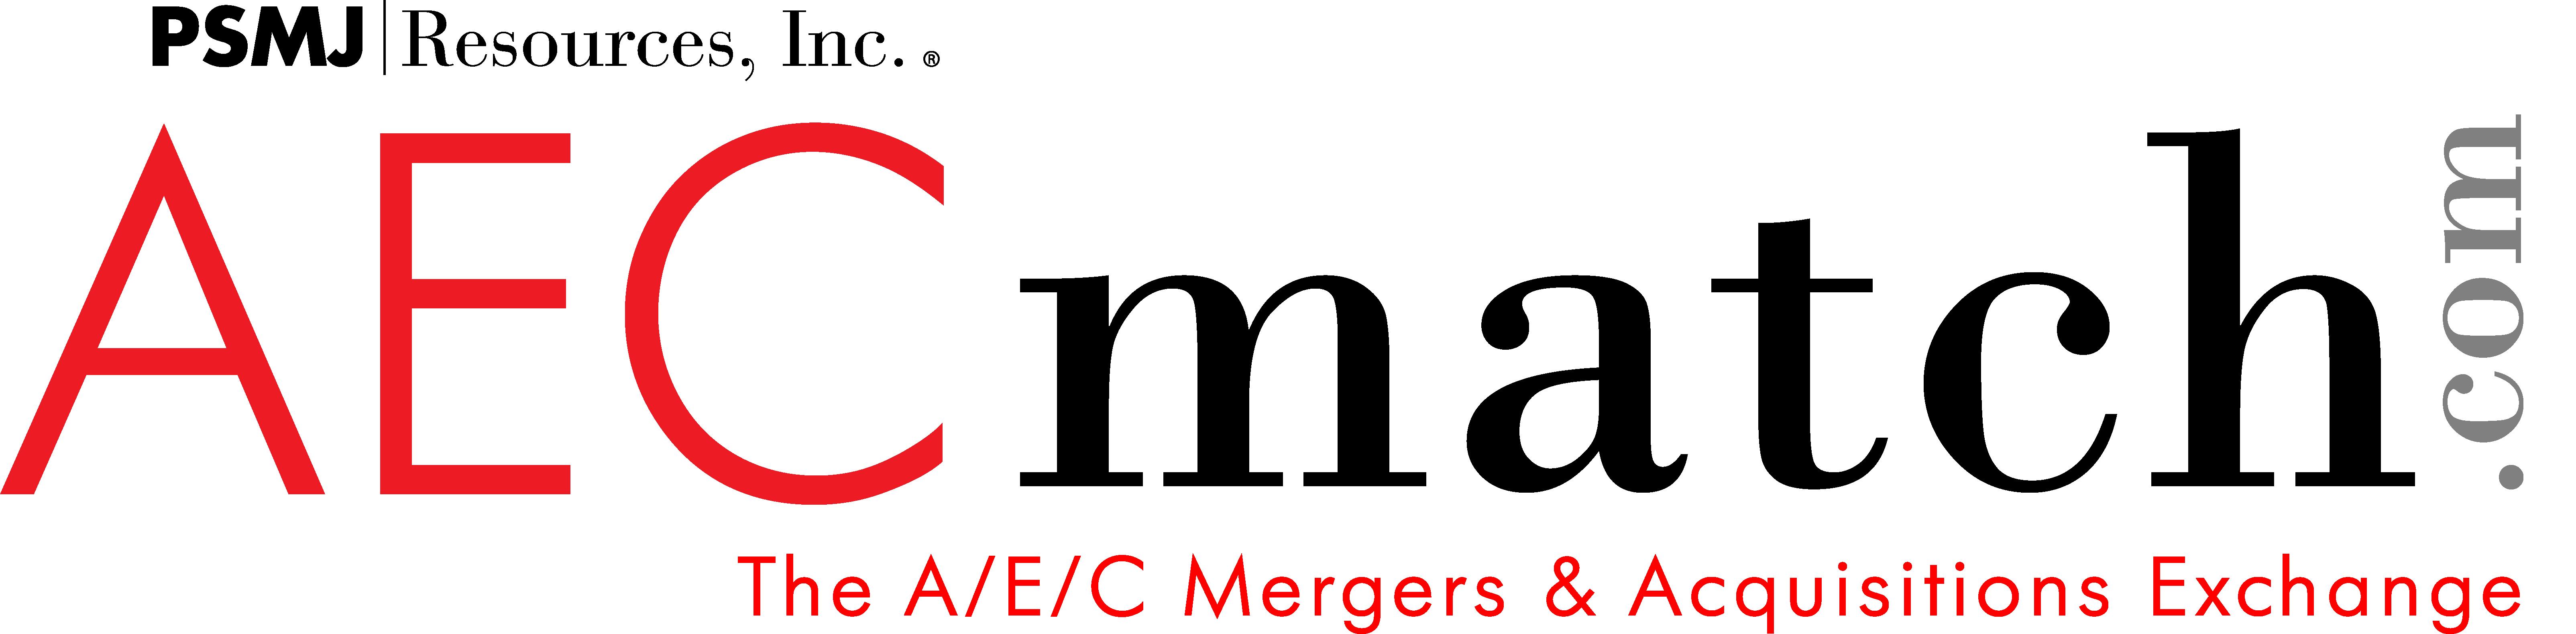 Aecmatch.com_logo_2019